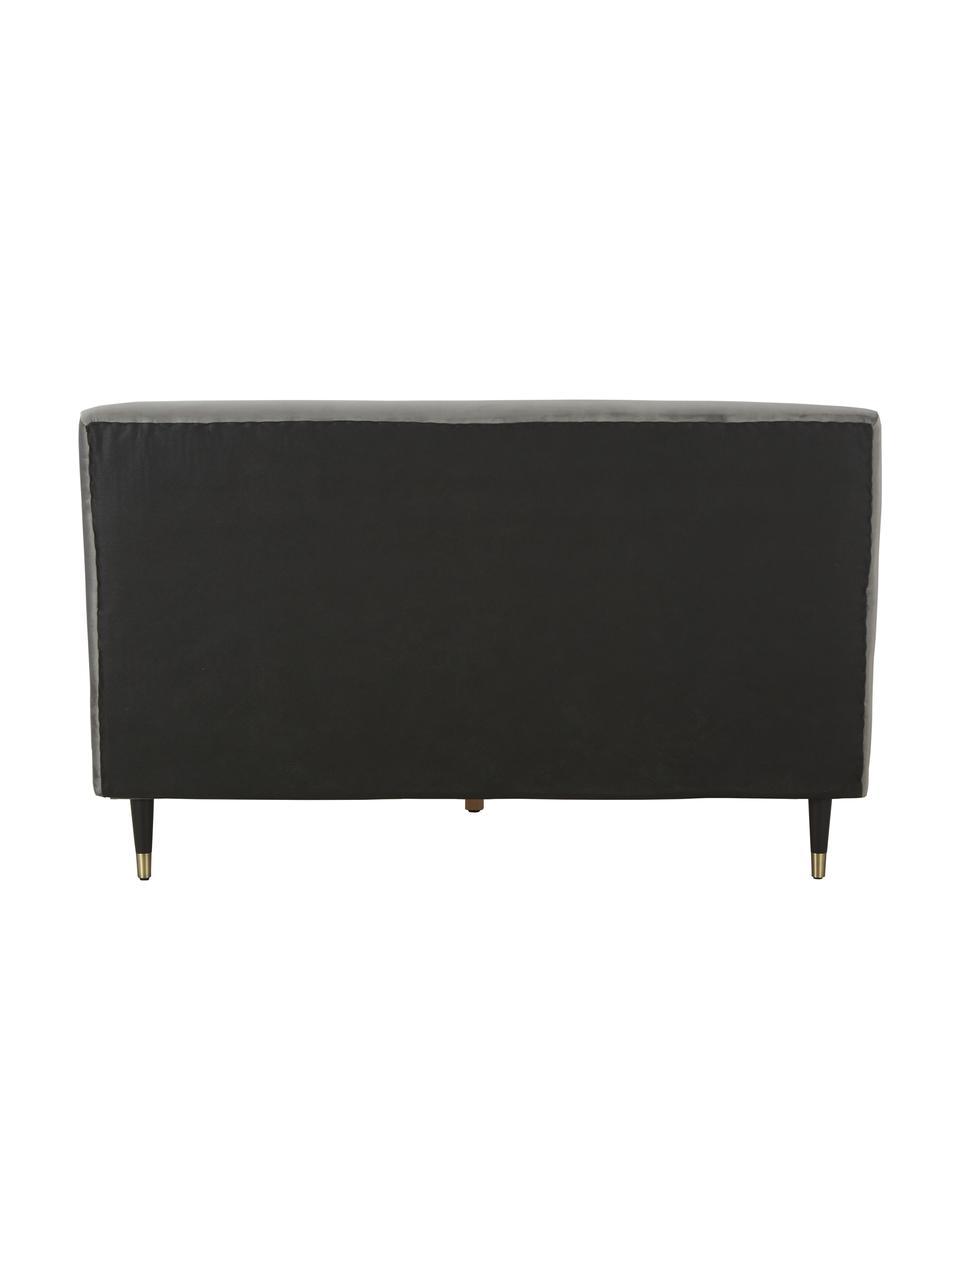 Letto imbottito in velluto grigio Nova, Rivestimento: 370 g/m² di velluto di po, Velluto grigio, 180 x 200 cm